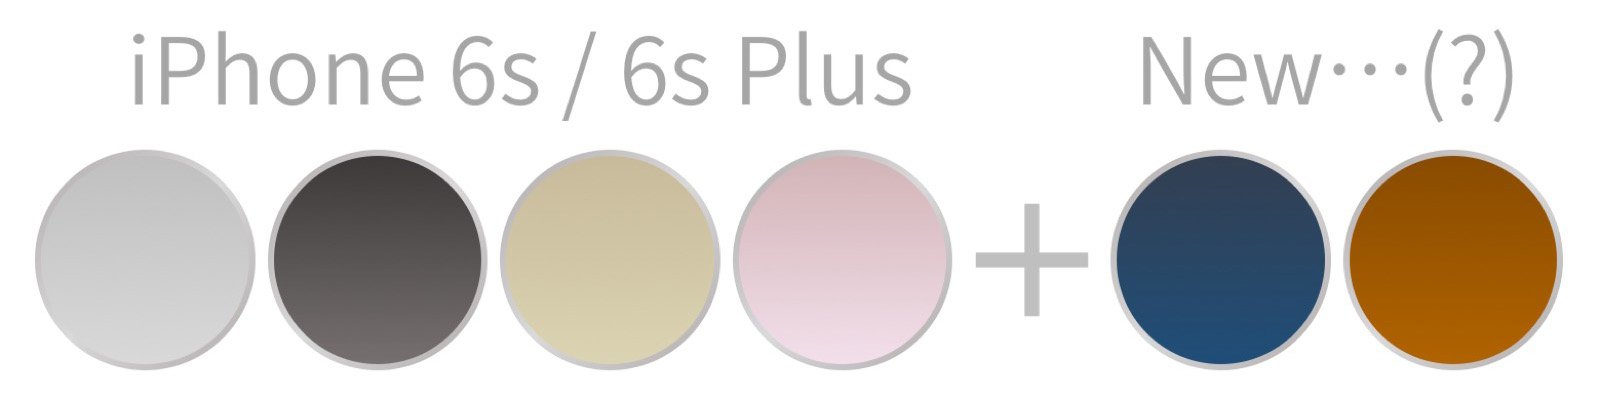 iPhone 7 カラーバリエーション 予想